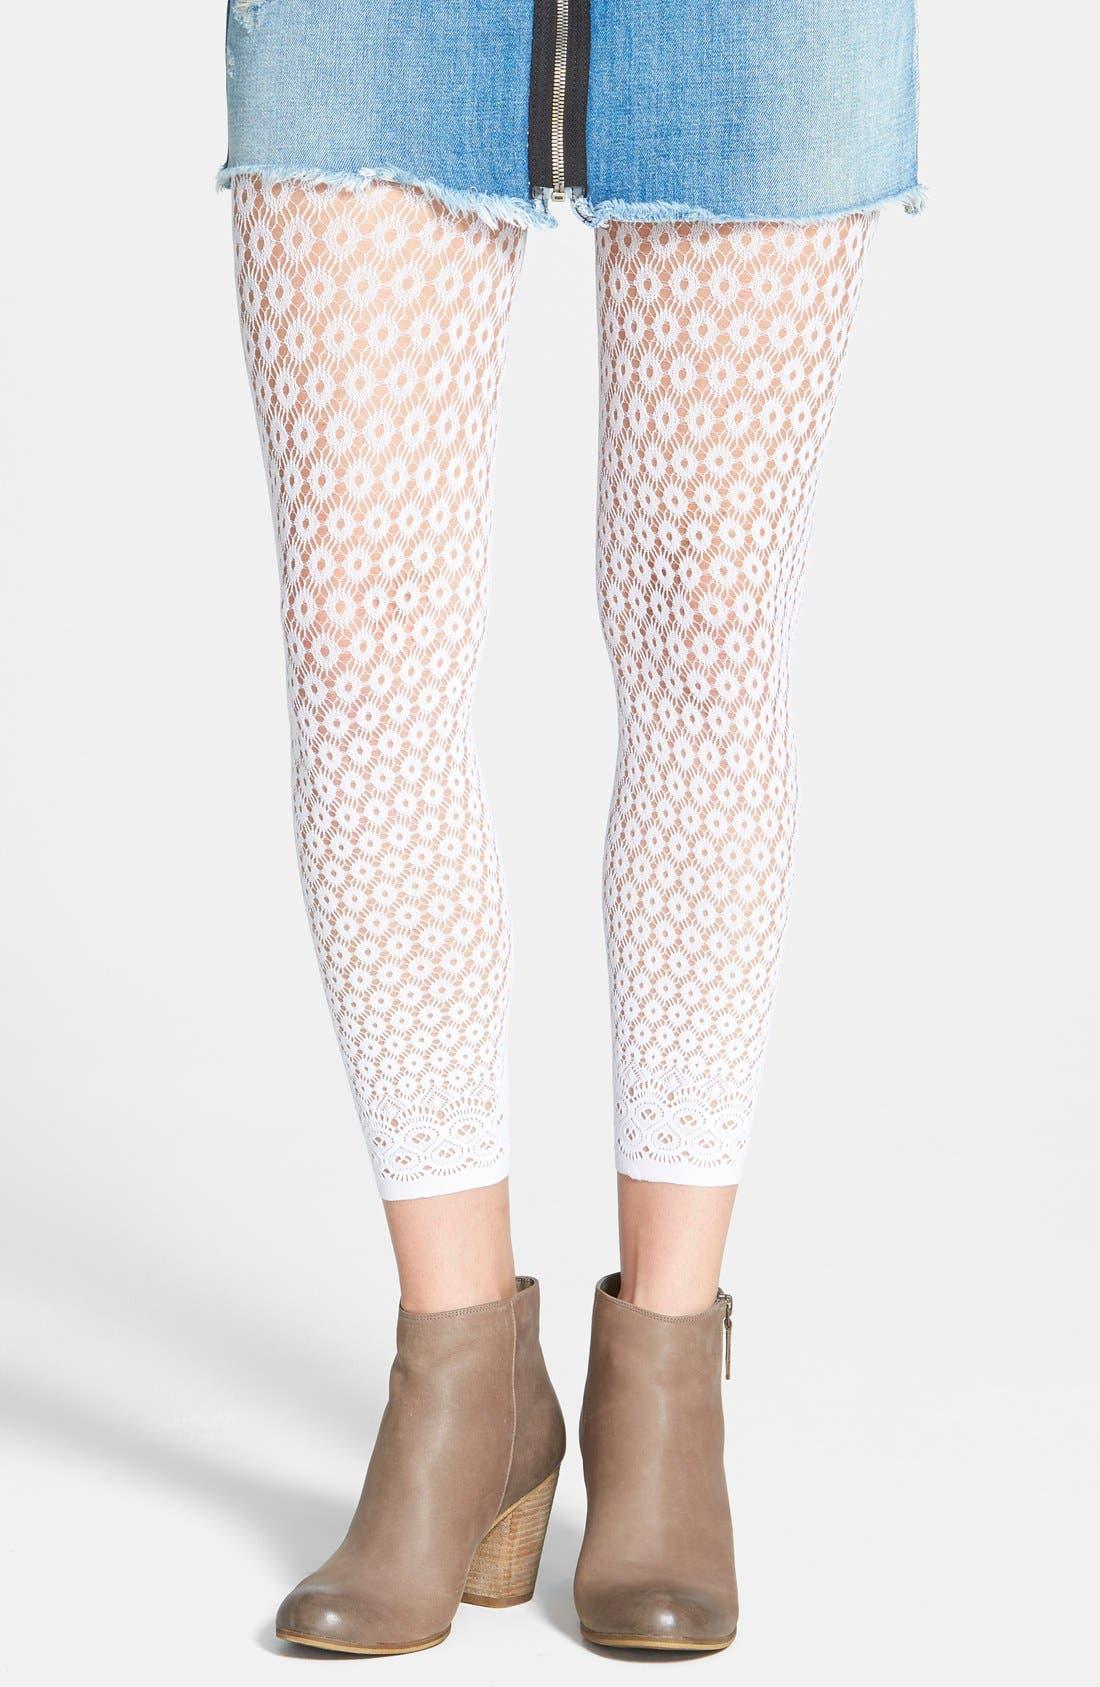 Main Image - DKNY 'Eyelet Lace' Footless Tights